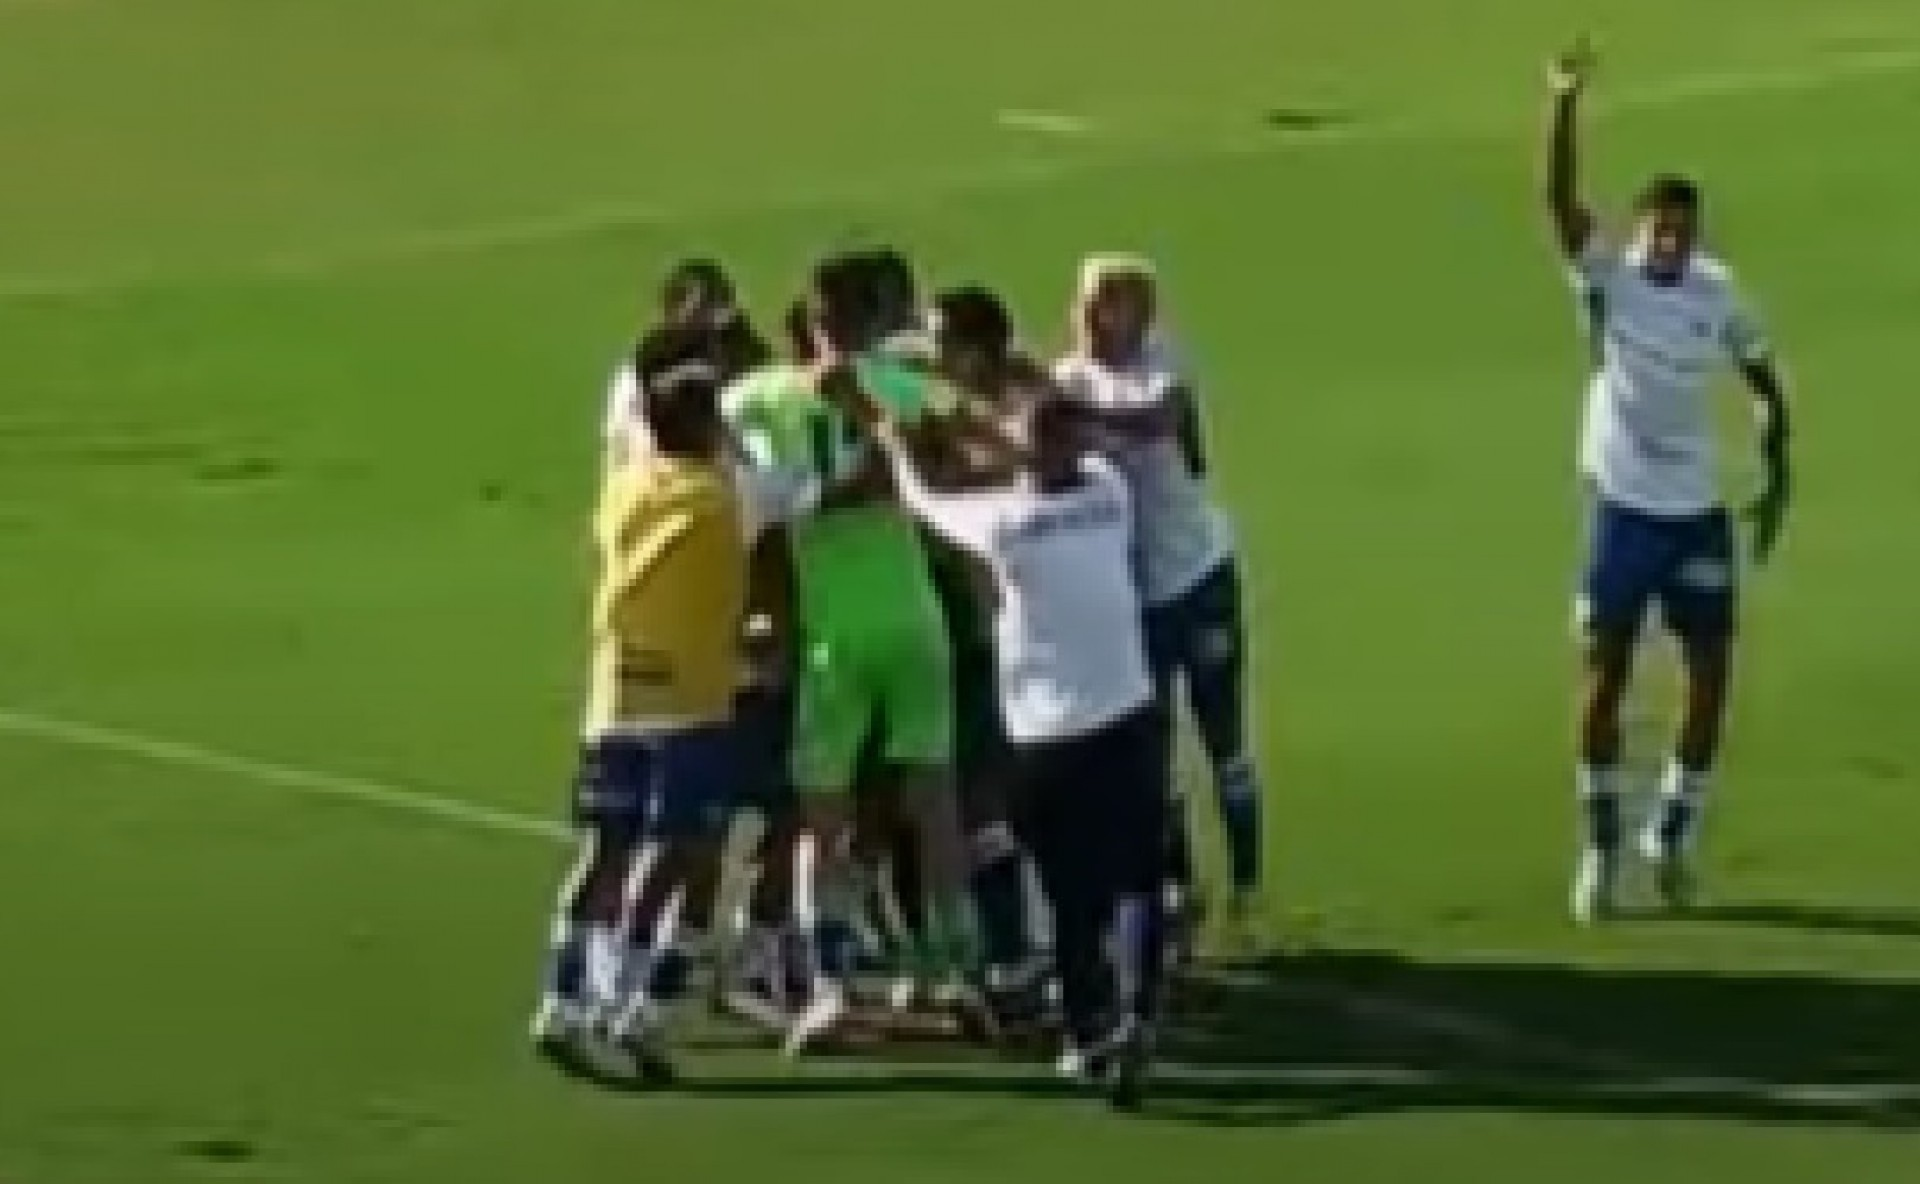 Em 13 jogos no Brasileirão Sub-23, o Fortaleza venceu 12 partidas e empatou uma (Foto: REPRODUÇÃO)